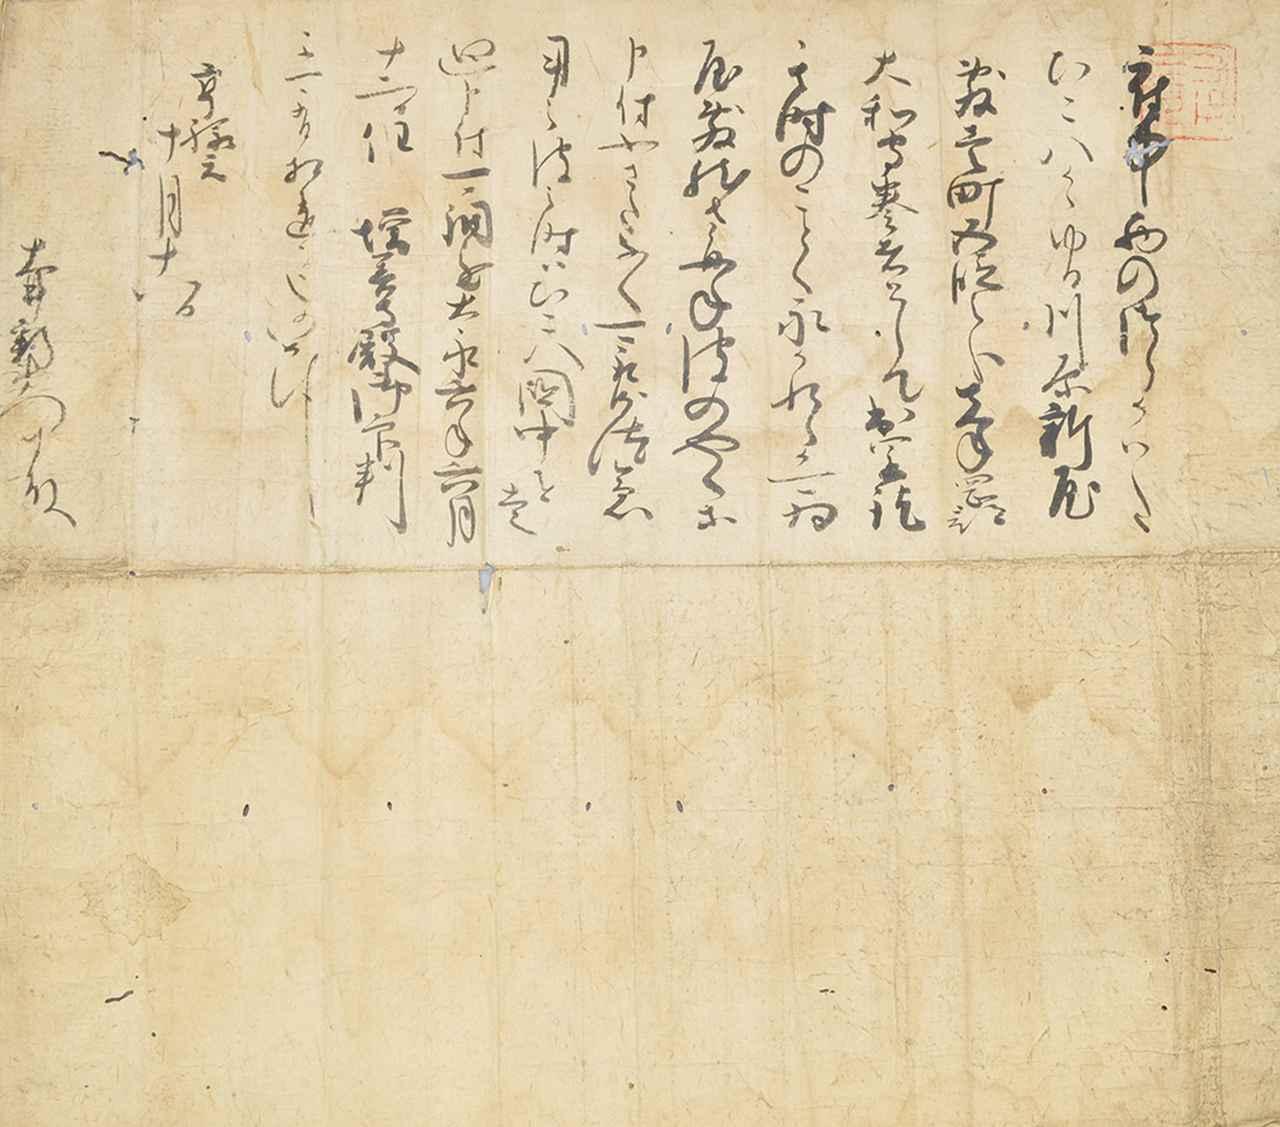 画像: 静岡市指定文化財 寿桂尼朱印状 1528(享禄元)年 10 月 18 日 静岡市蔵